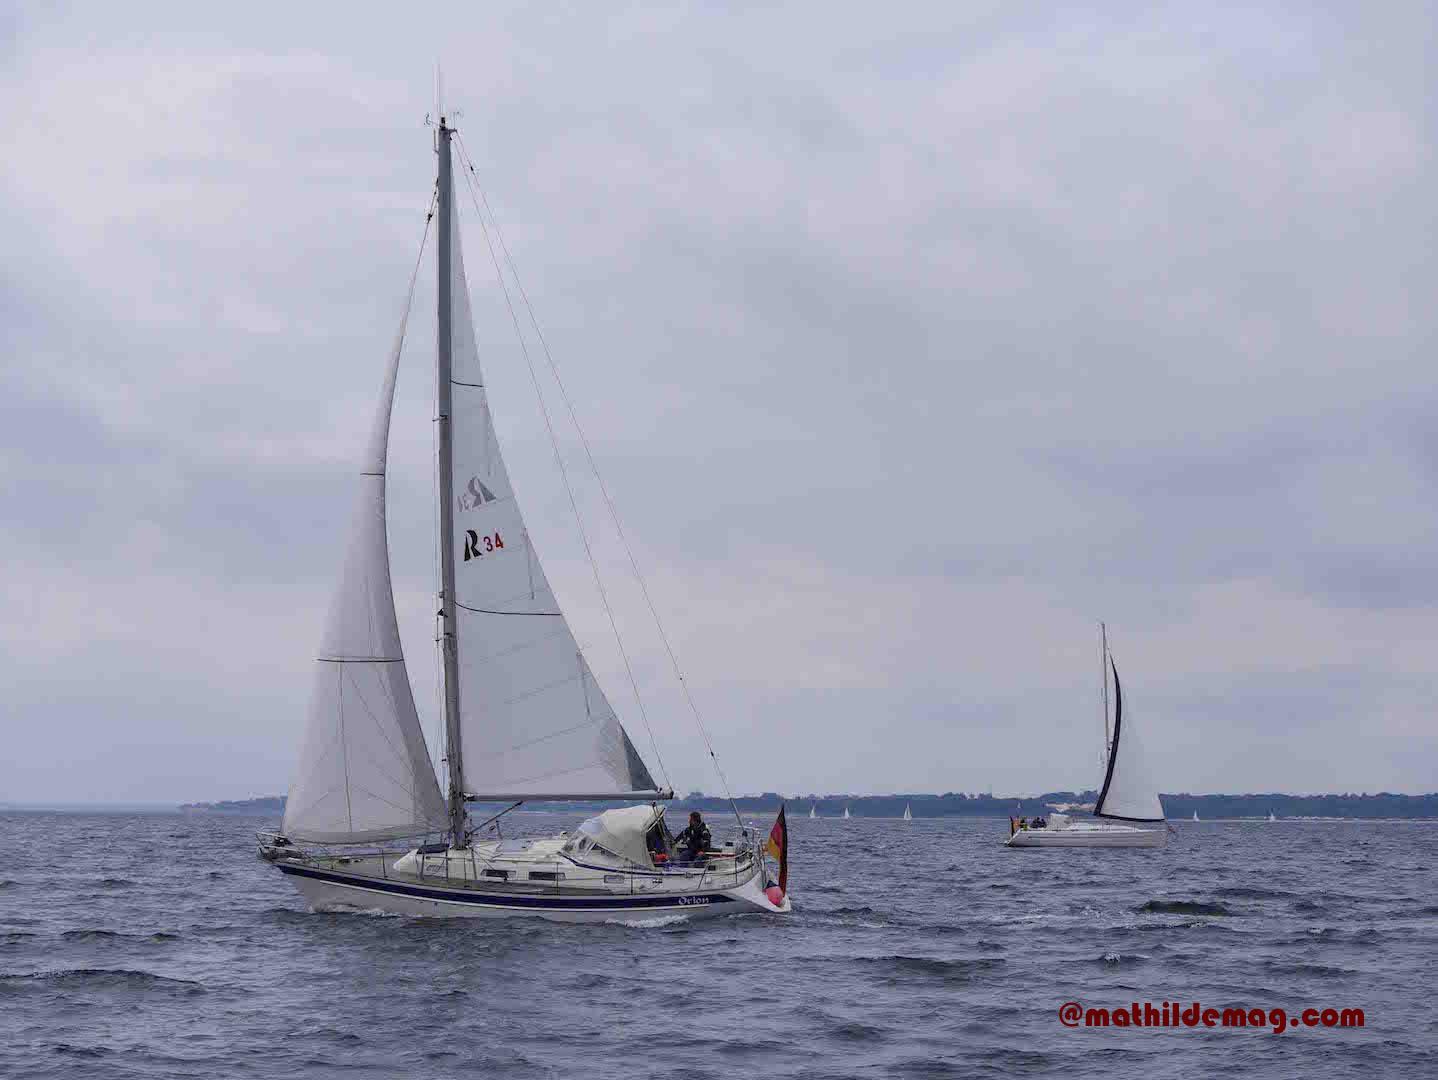 Segelyachten auf der Ostsee – Mathilde MAG